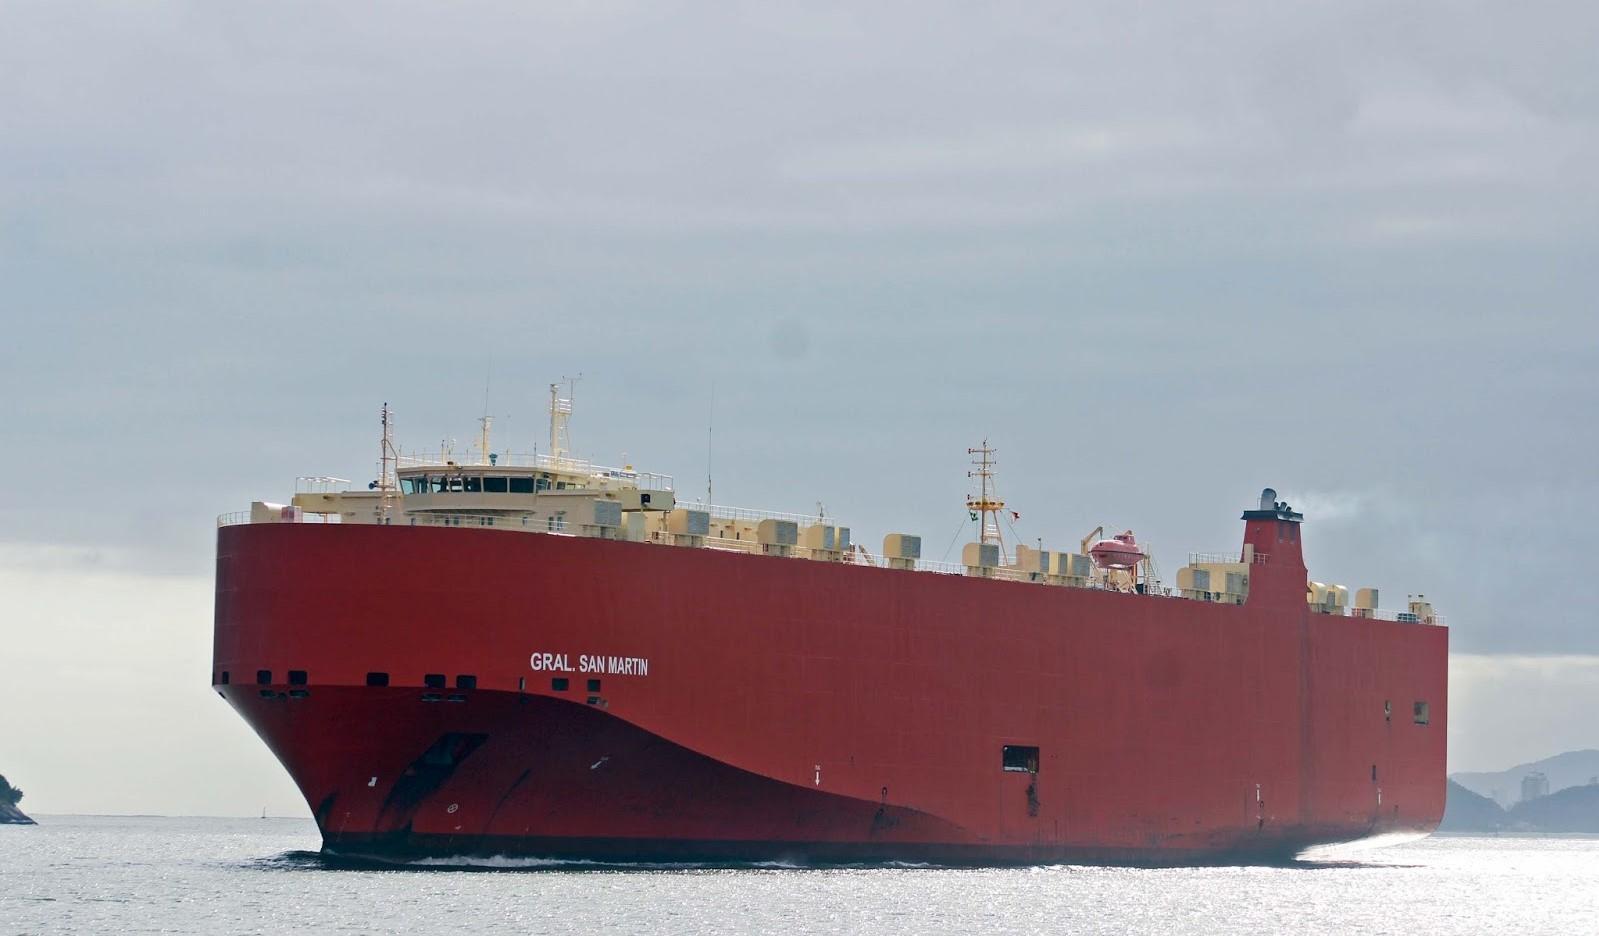 Impactos de la decisión de Brasil de no renovar el acuerdo de tráfico marítimo bilateral con la Argentina